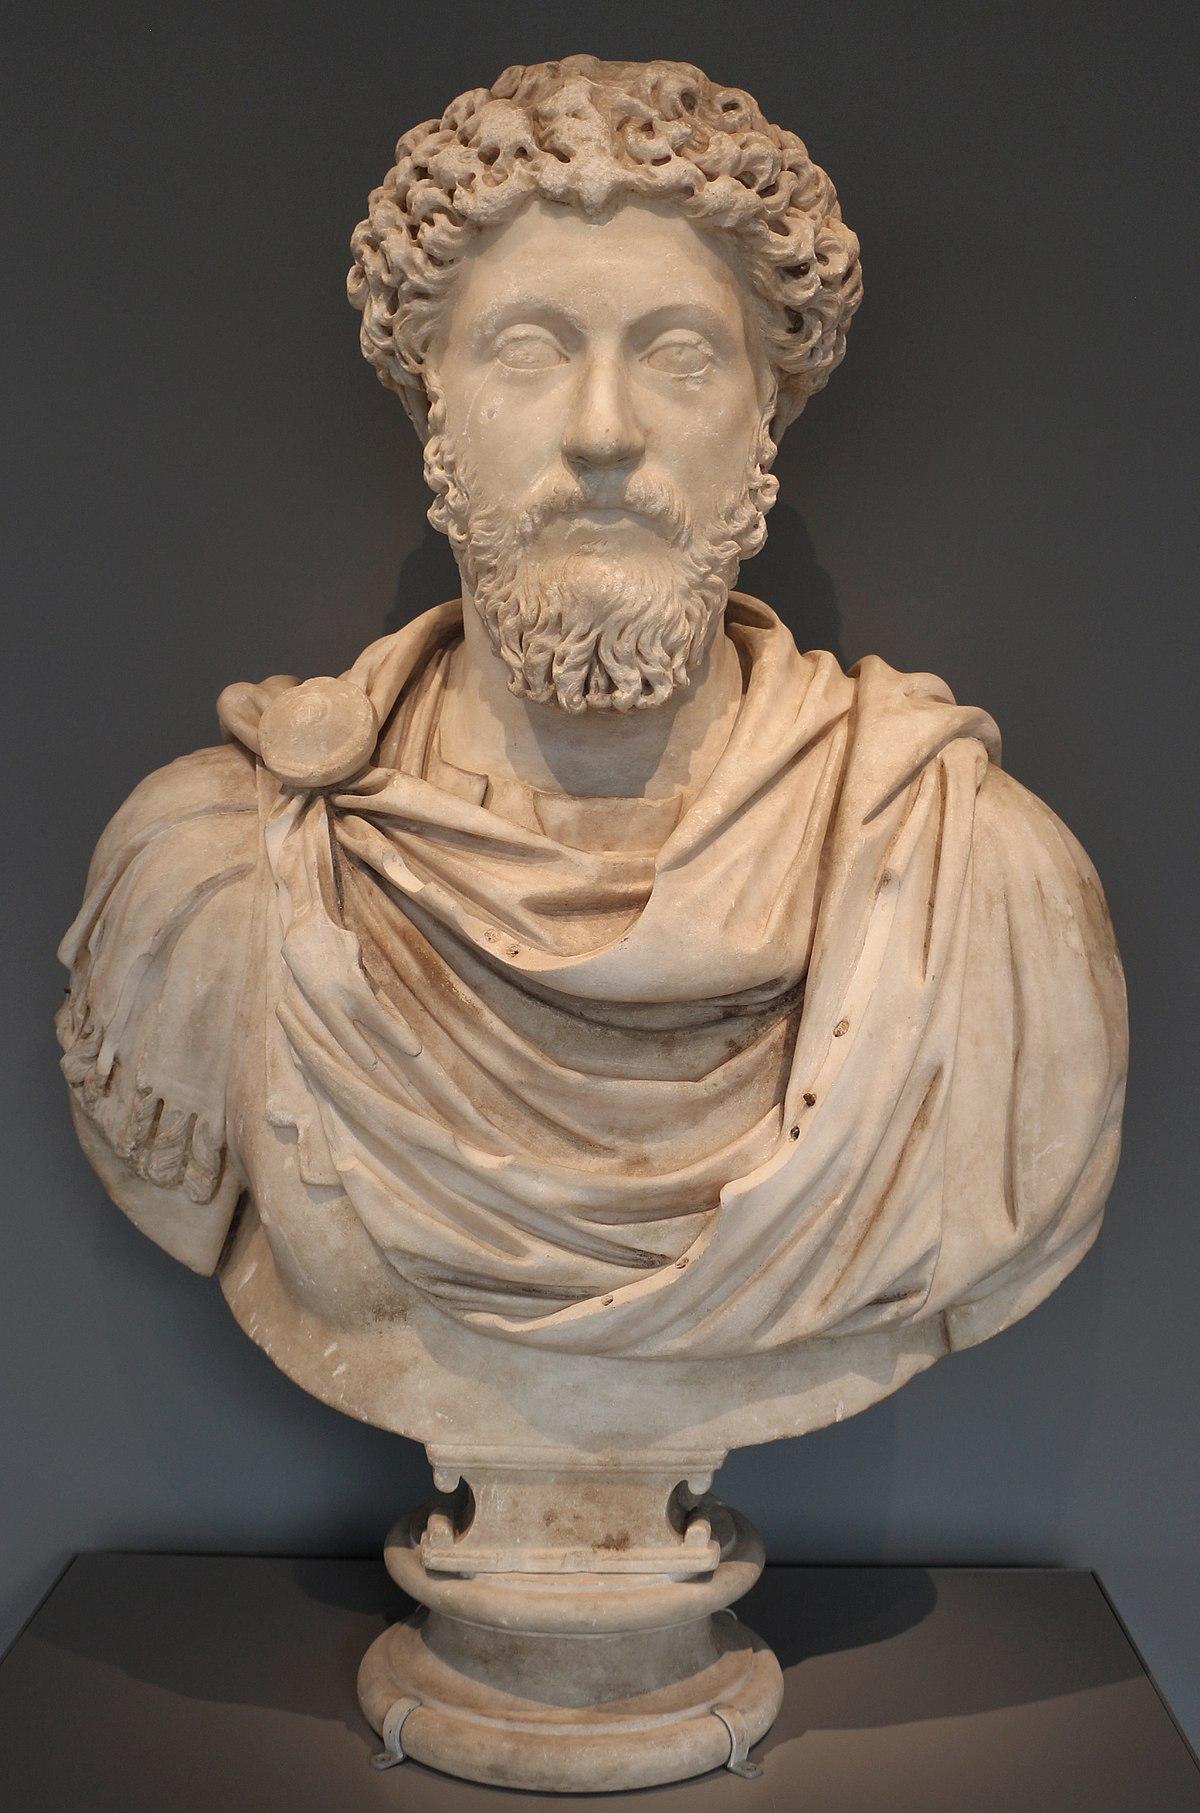 Reign of Marcus Aurelius - Wikipedia